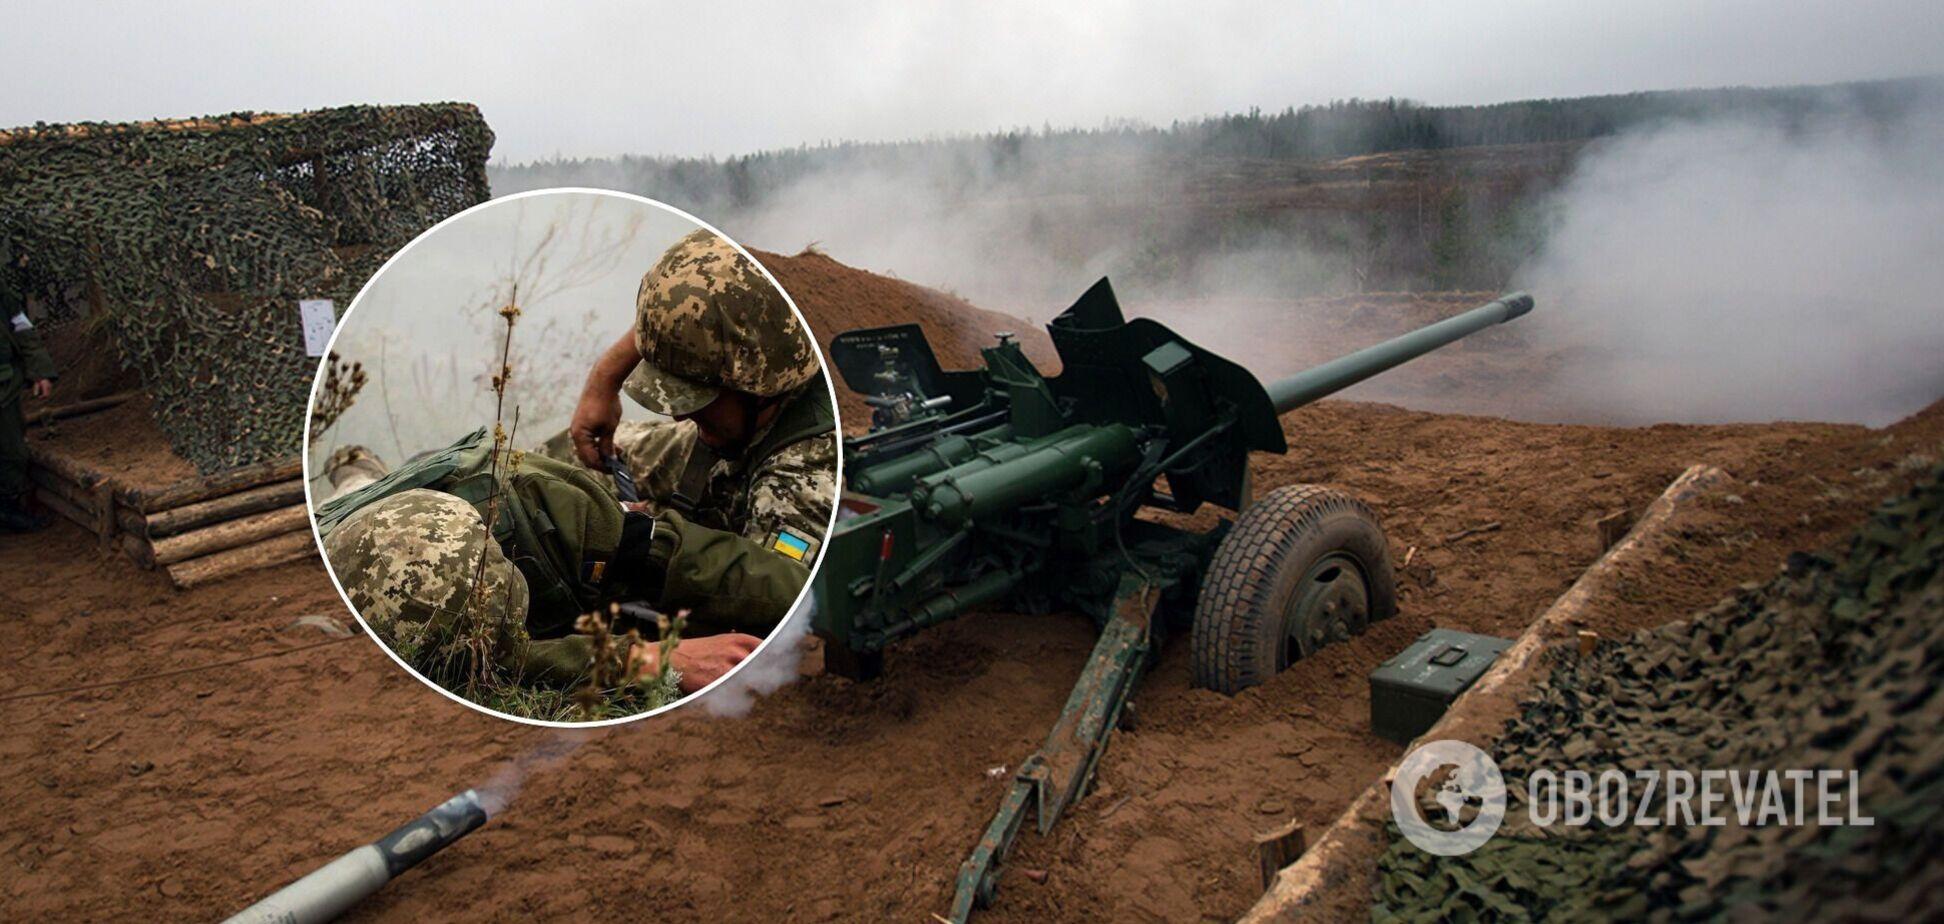 Російські окупанти відкрили вогонь по ЗСУ з протитанкових гармат та поранили бійця